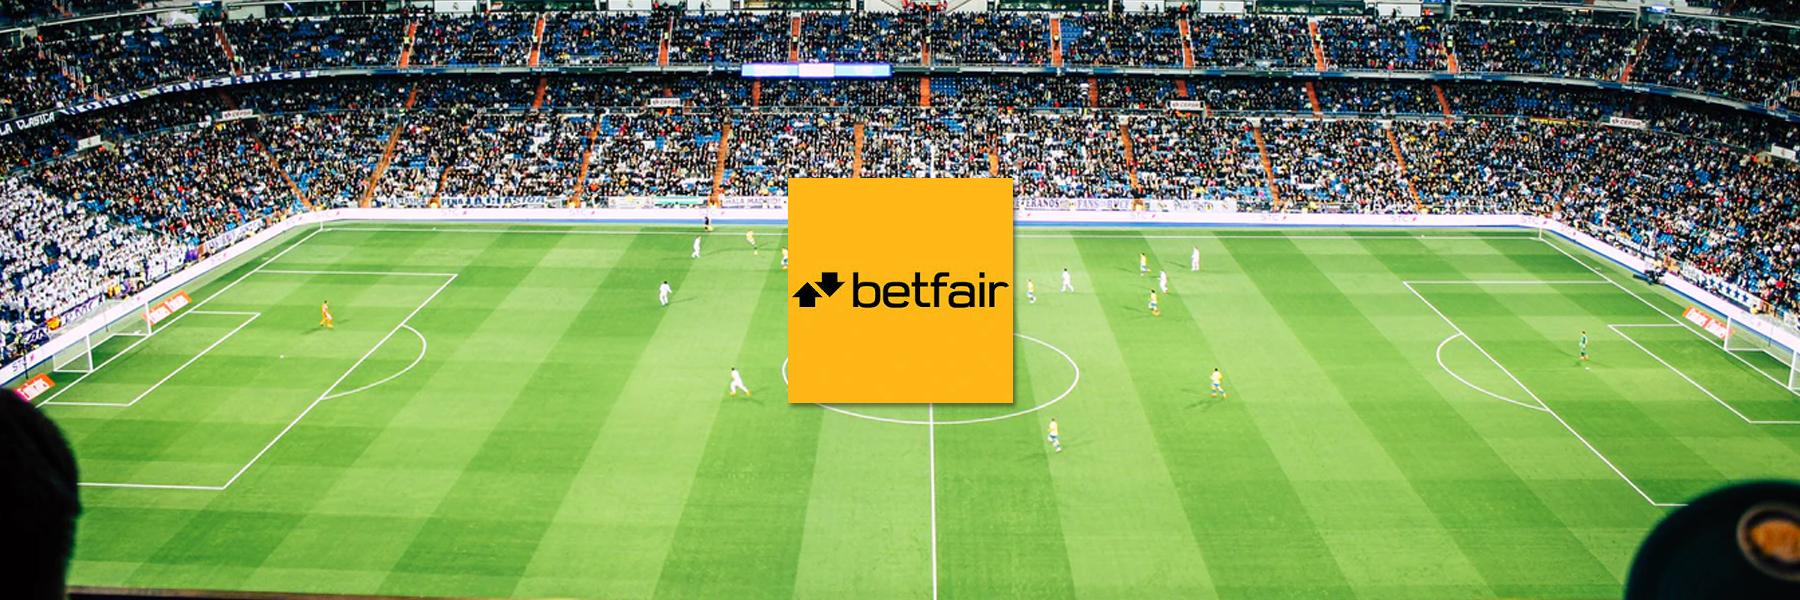 ¡Vuelve la Champions League a Betfair!